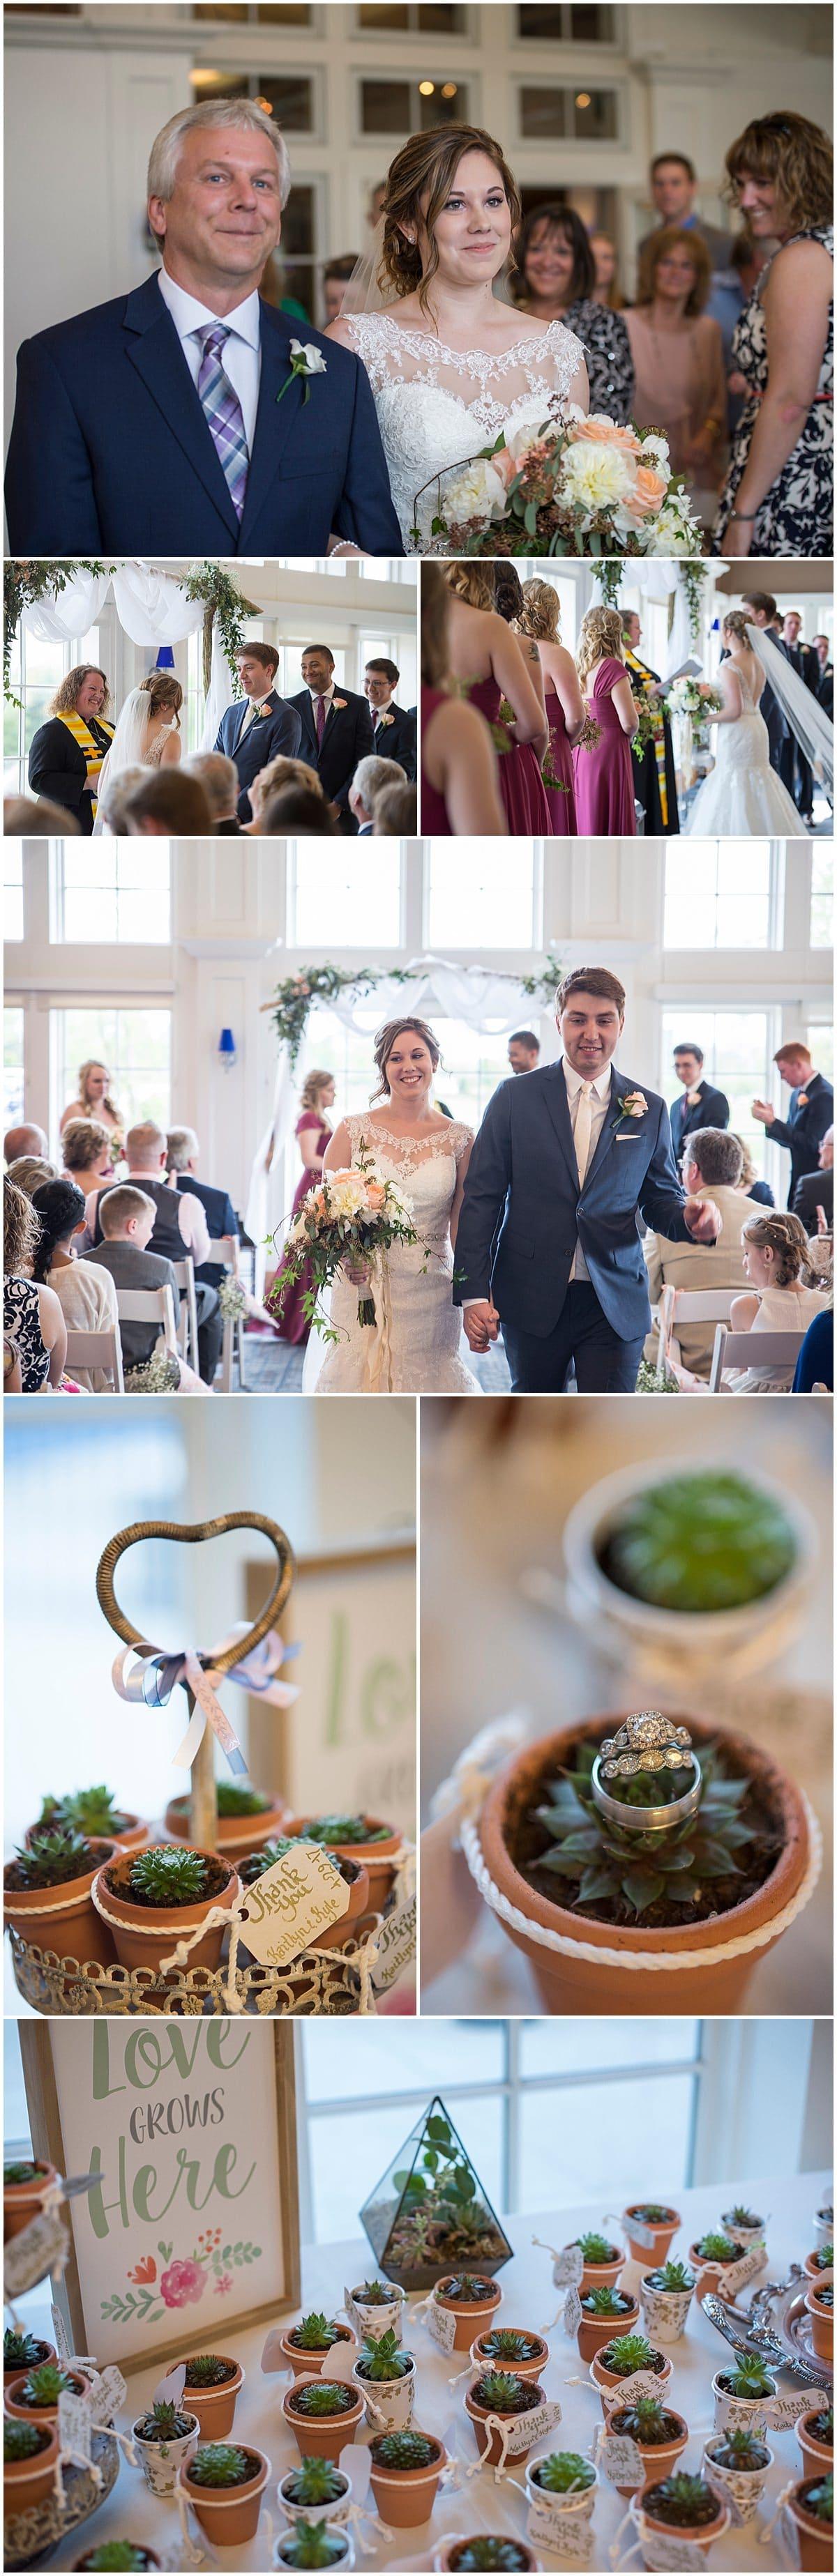 Nationwide Hotel Wedding Ceremony Lewis Center Ohio